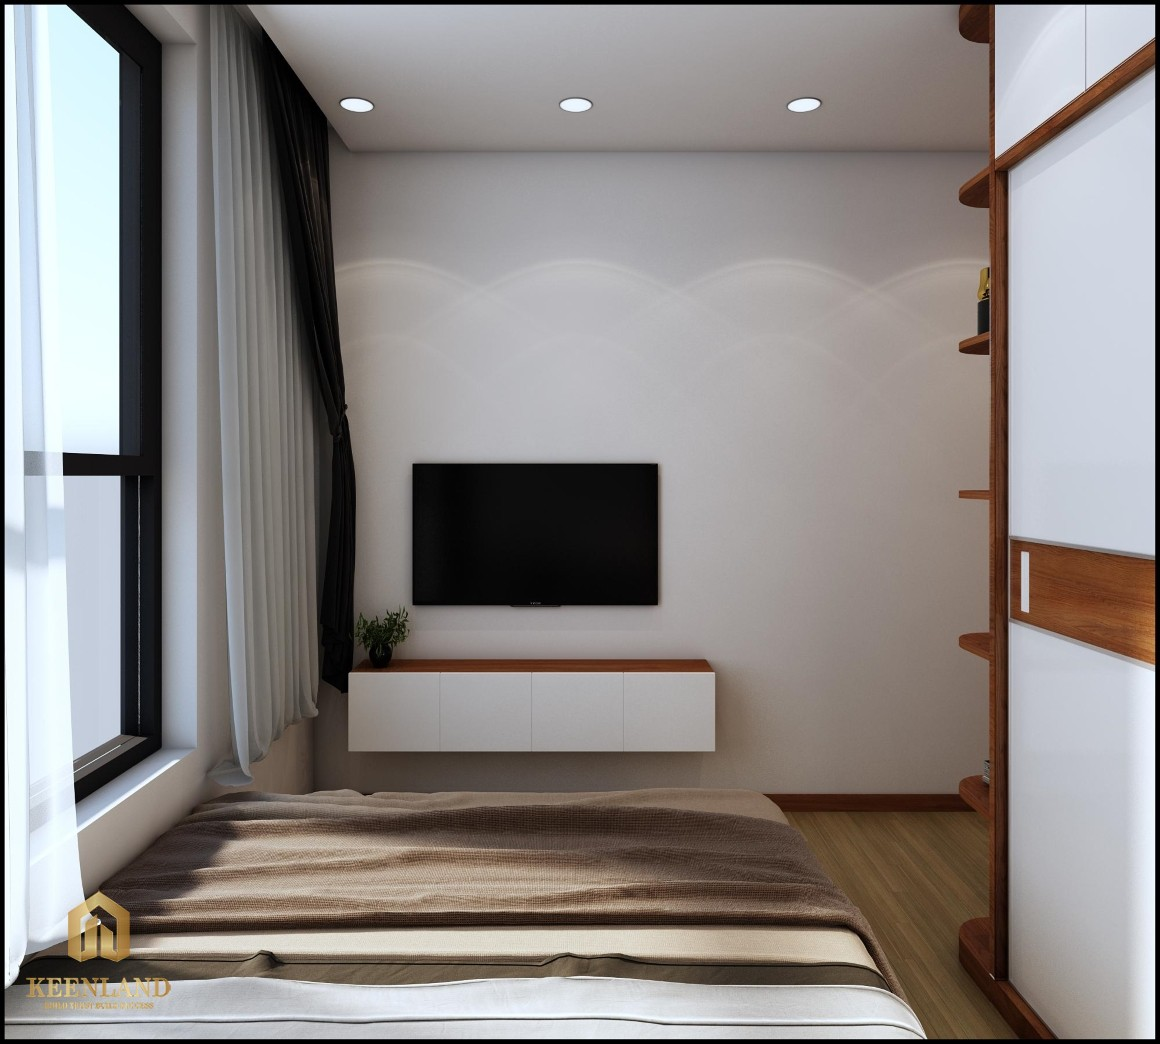 Phối cảnh phòng ngủ dự án Bcons Garden